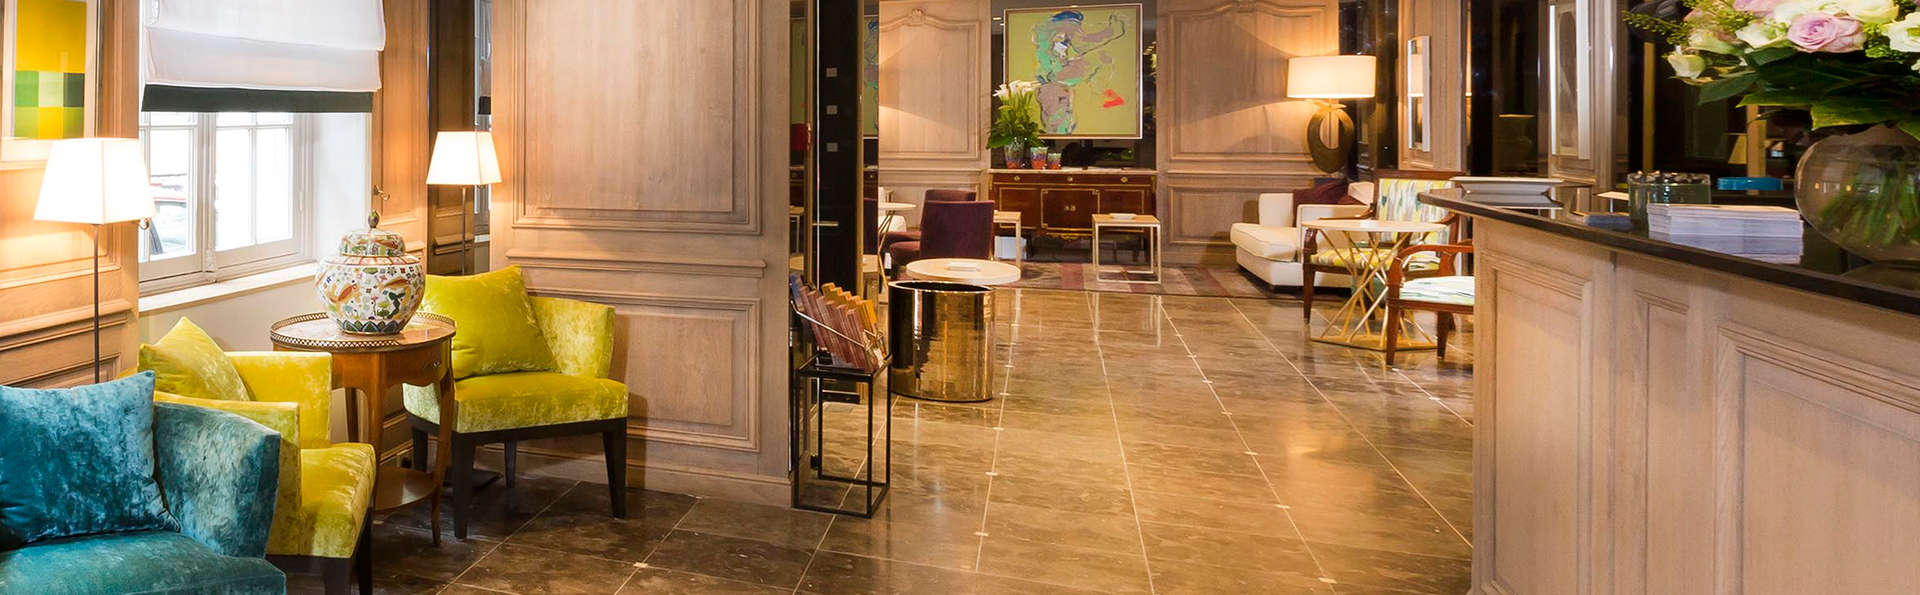 Hôtel Balmoral Champs-Elysées - EDIT_hall1.jpg